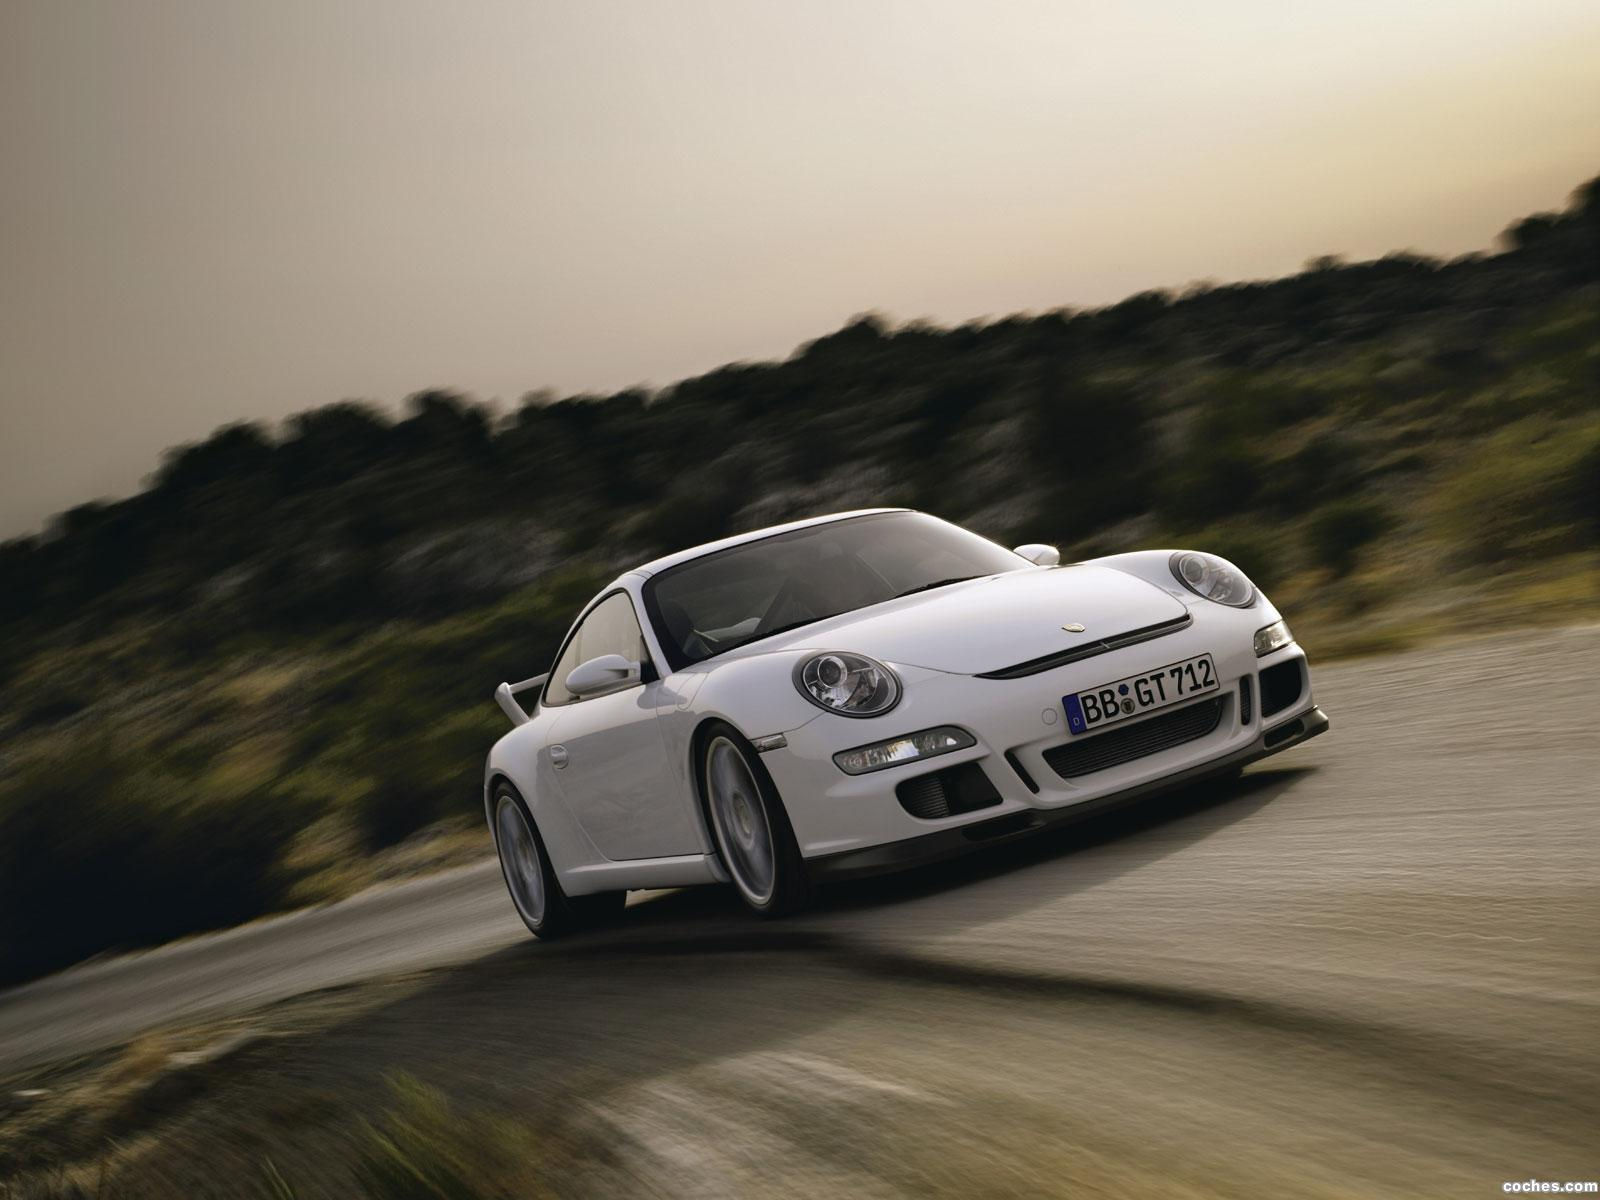 porsche 911 gt3 2006 r7 Porsche 911 GT3 997